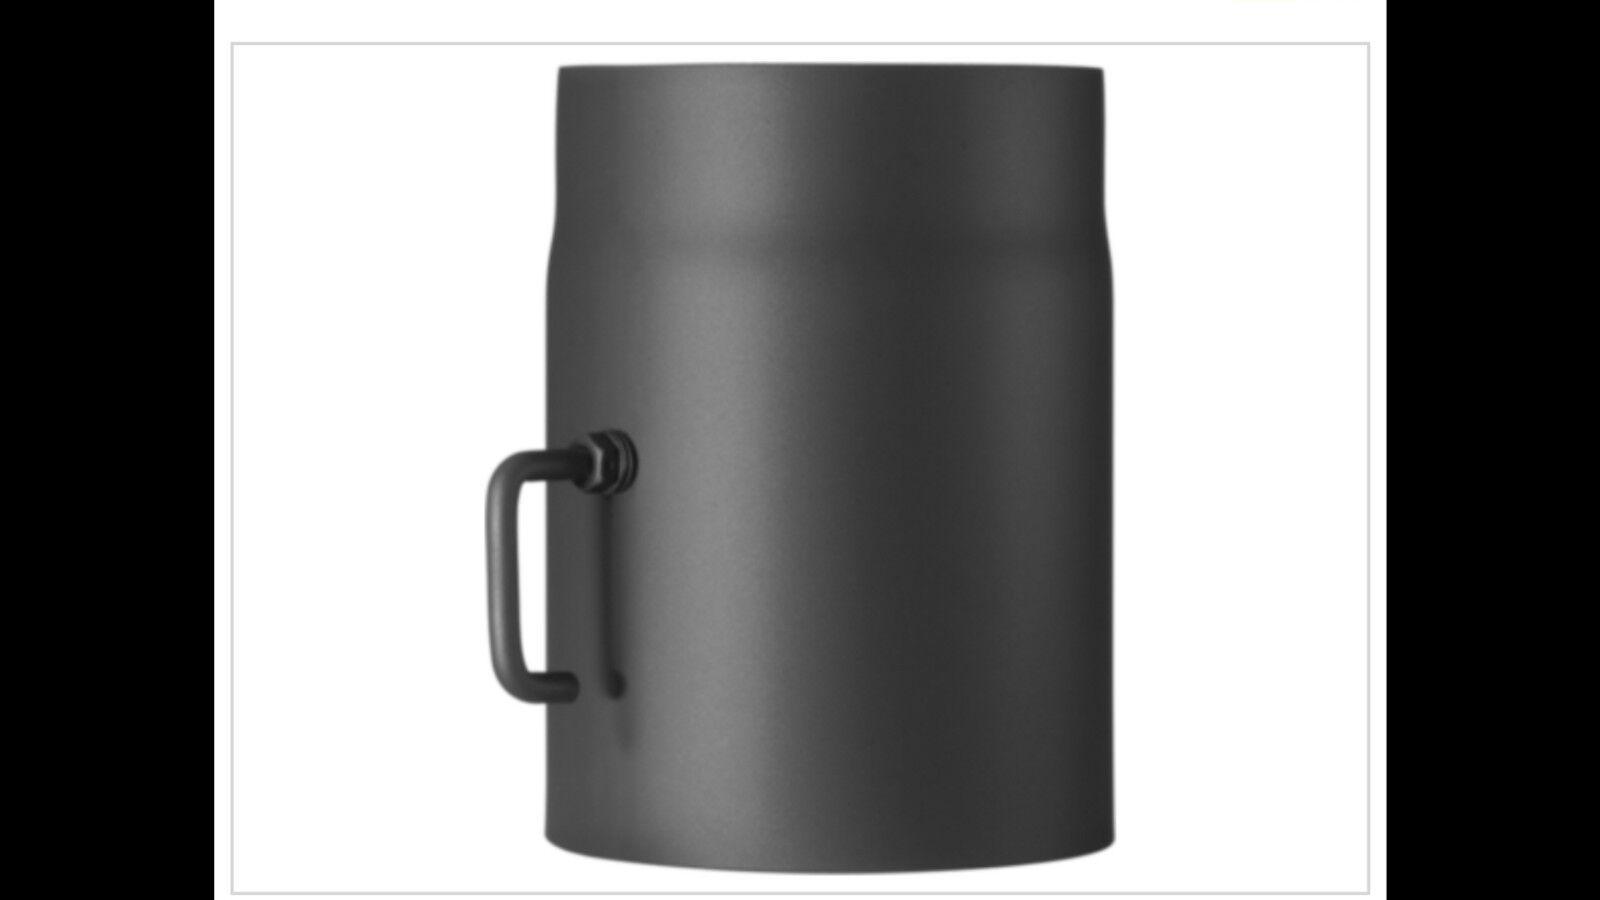 Möck Primus 150 mm  Rohr mit Drosselklappe doppelwandig gedämmt schwarz metallic